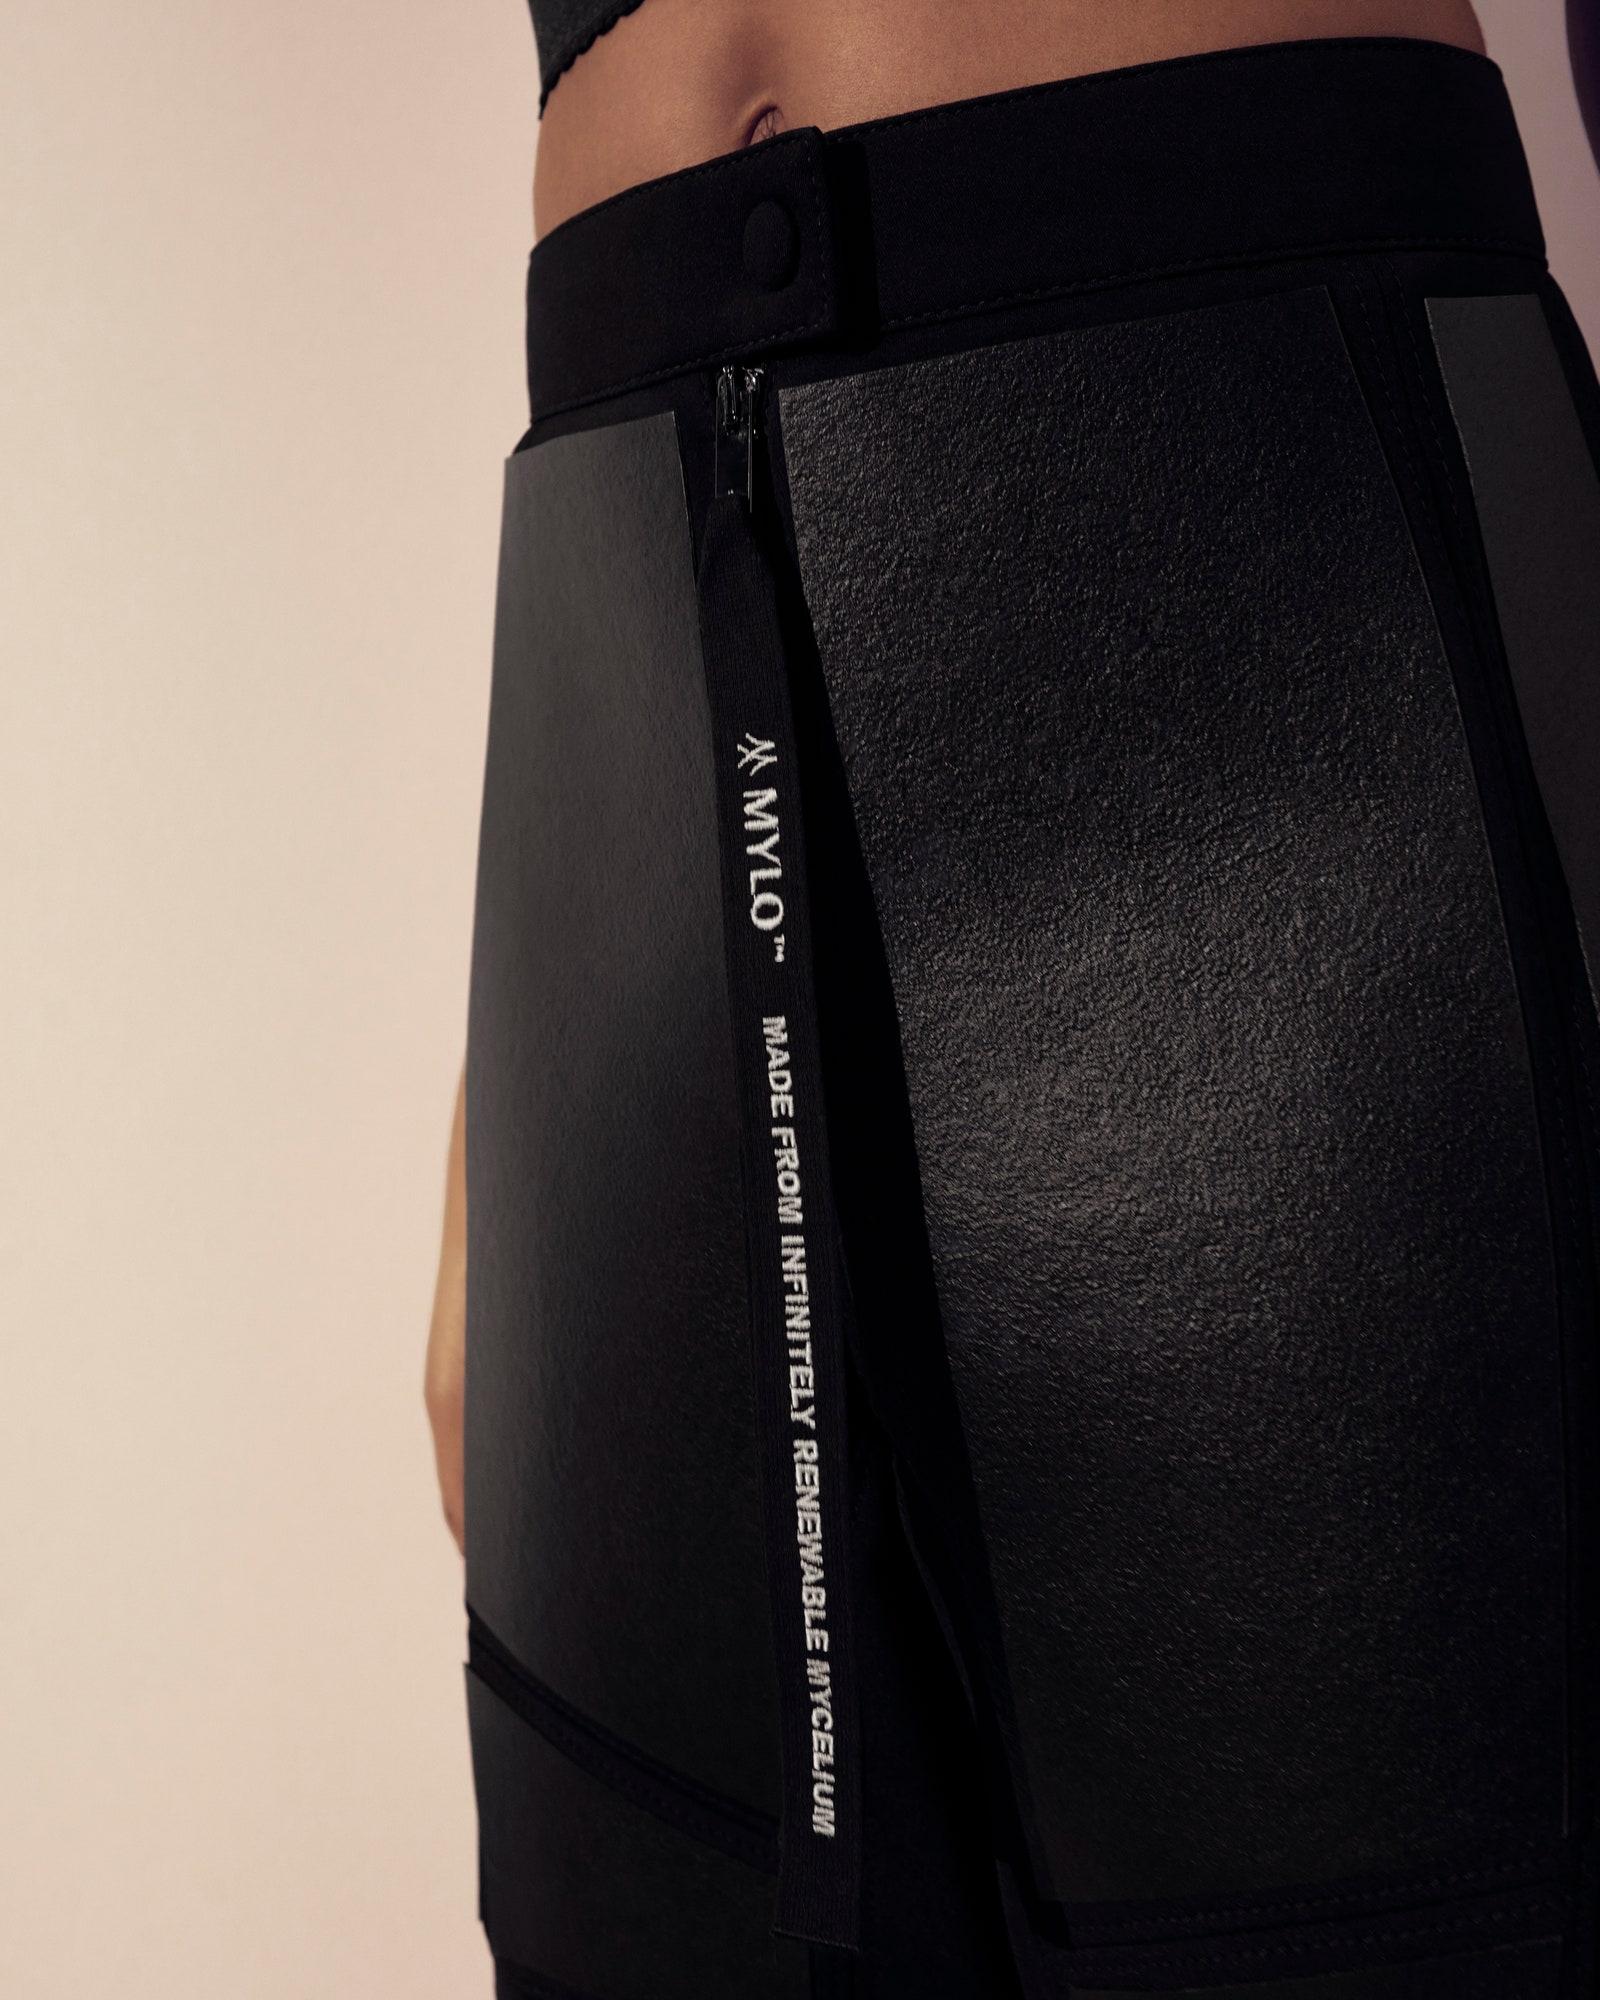 Бренд Stella McCartney выпустил одежду из кожи грибов (ФОТО) - фото №3